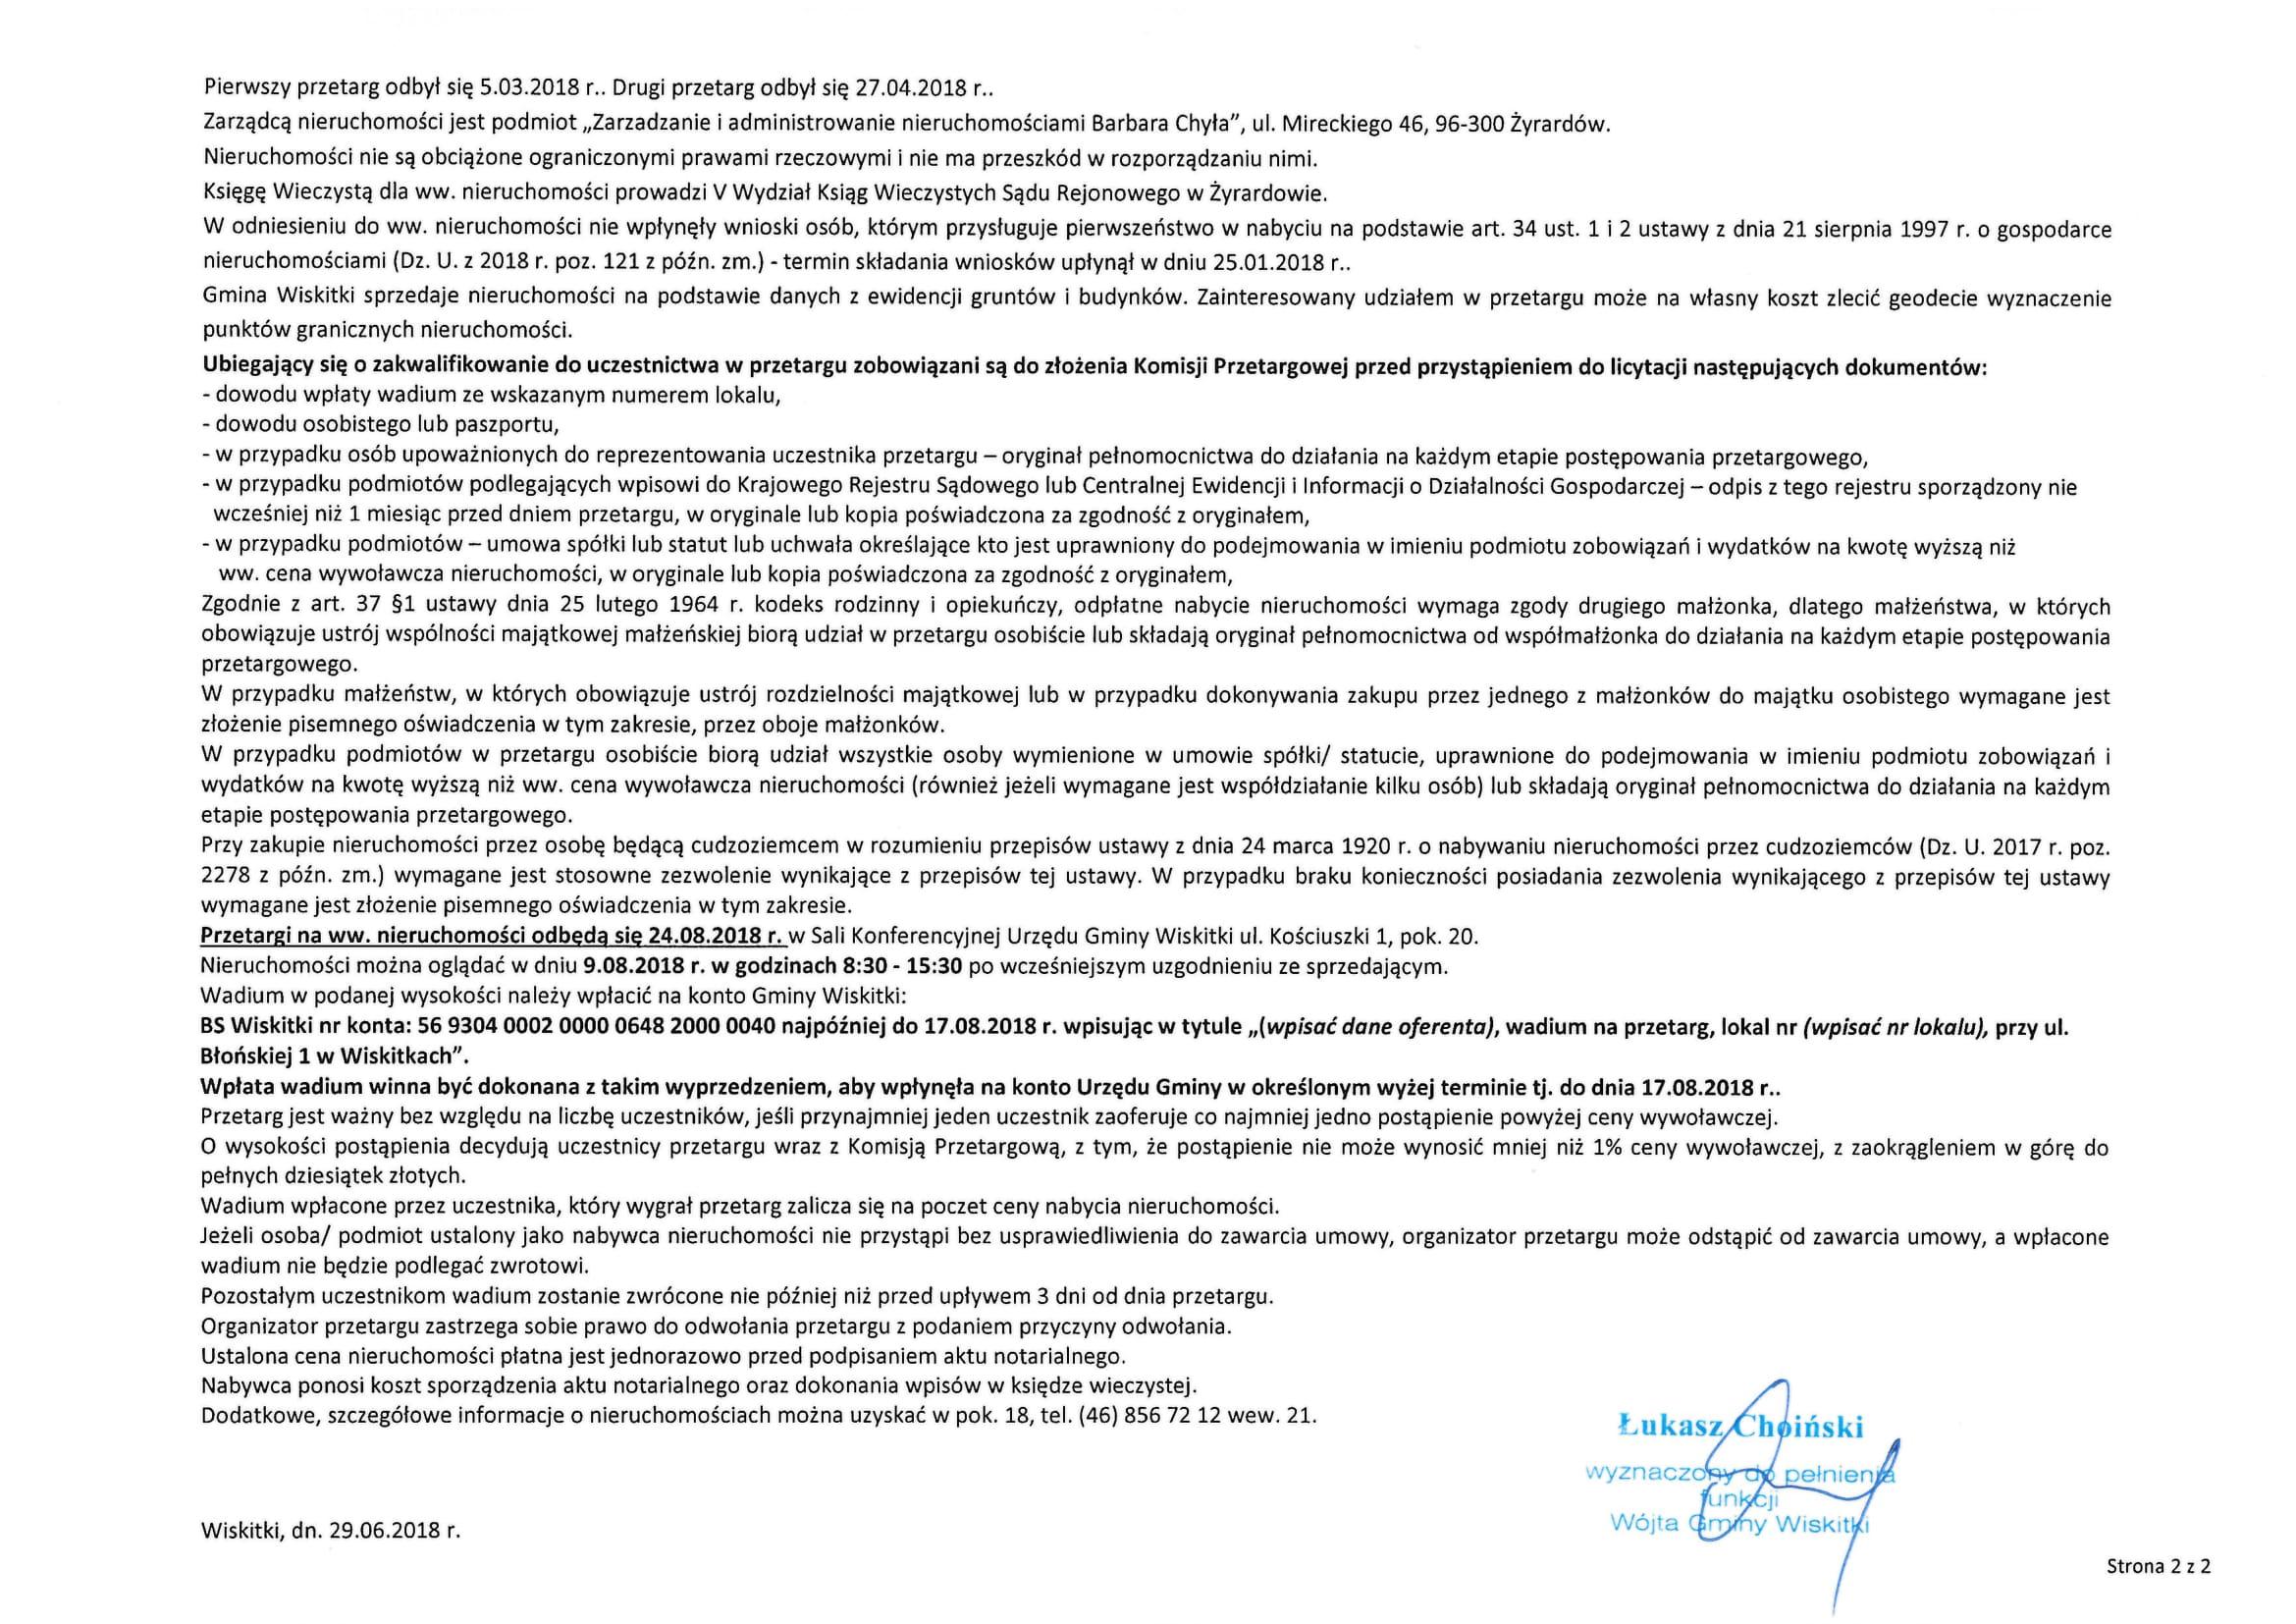 III przetarg lokale 2,6 ul. Błońska 1 w Wiskitkach na sprzedaż-2